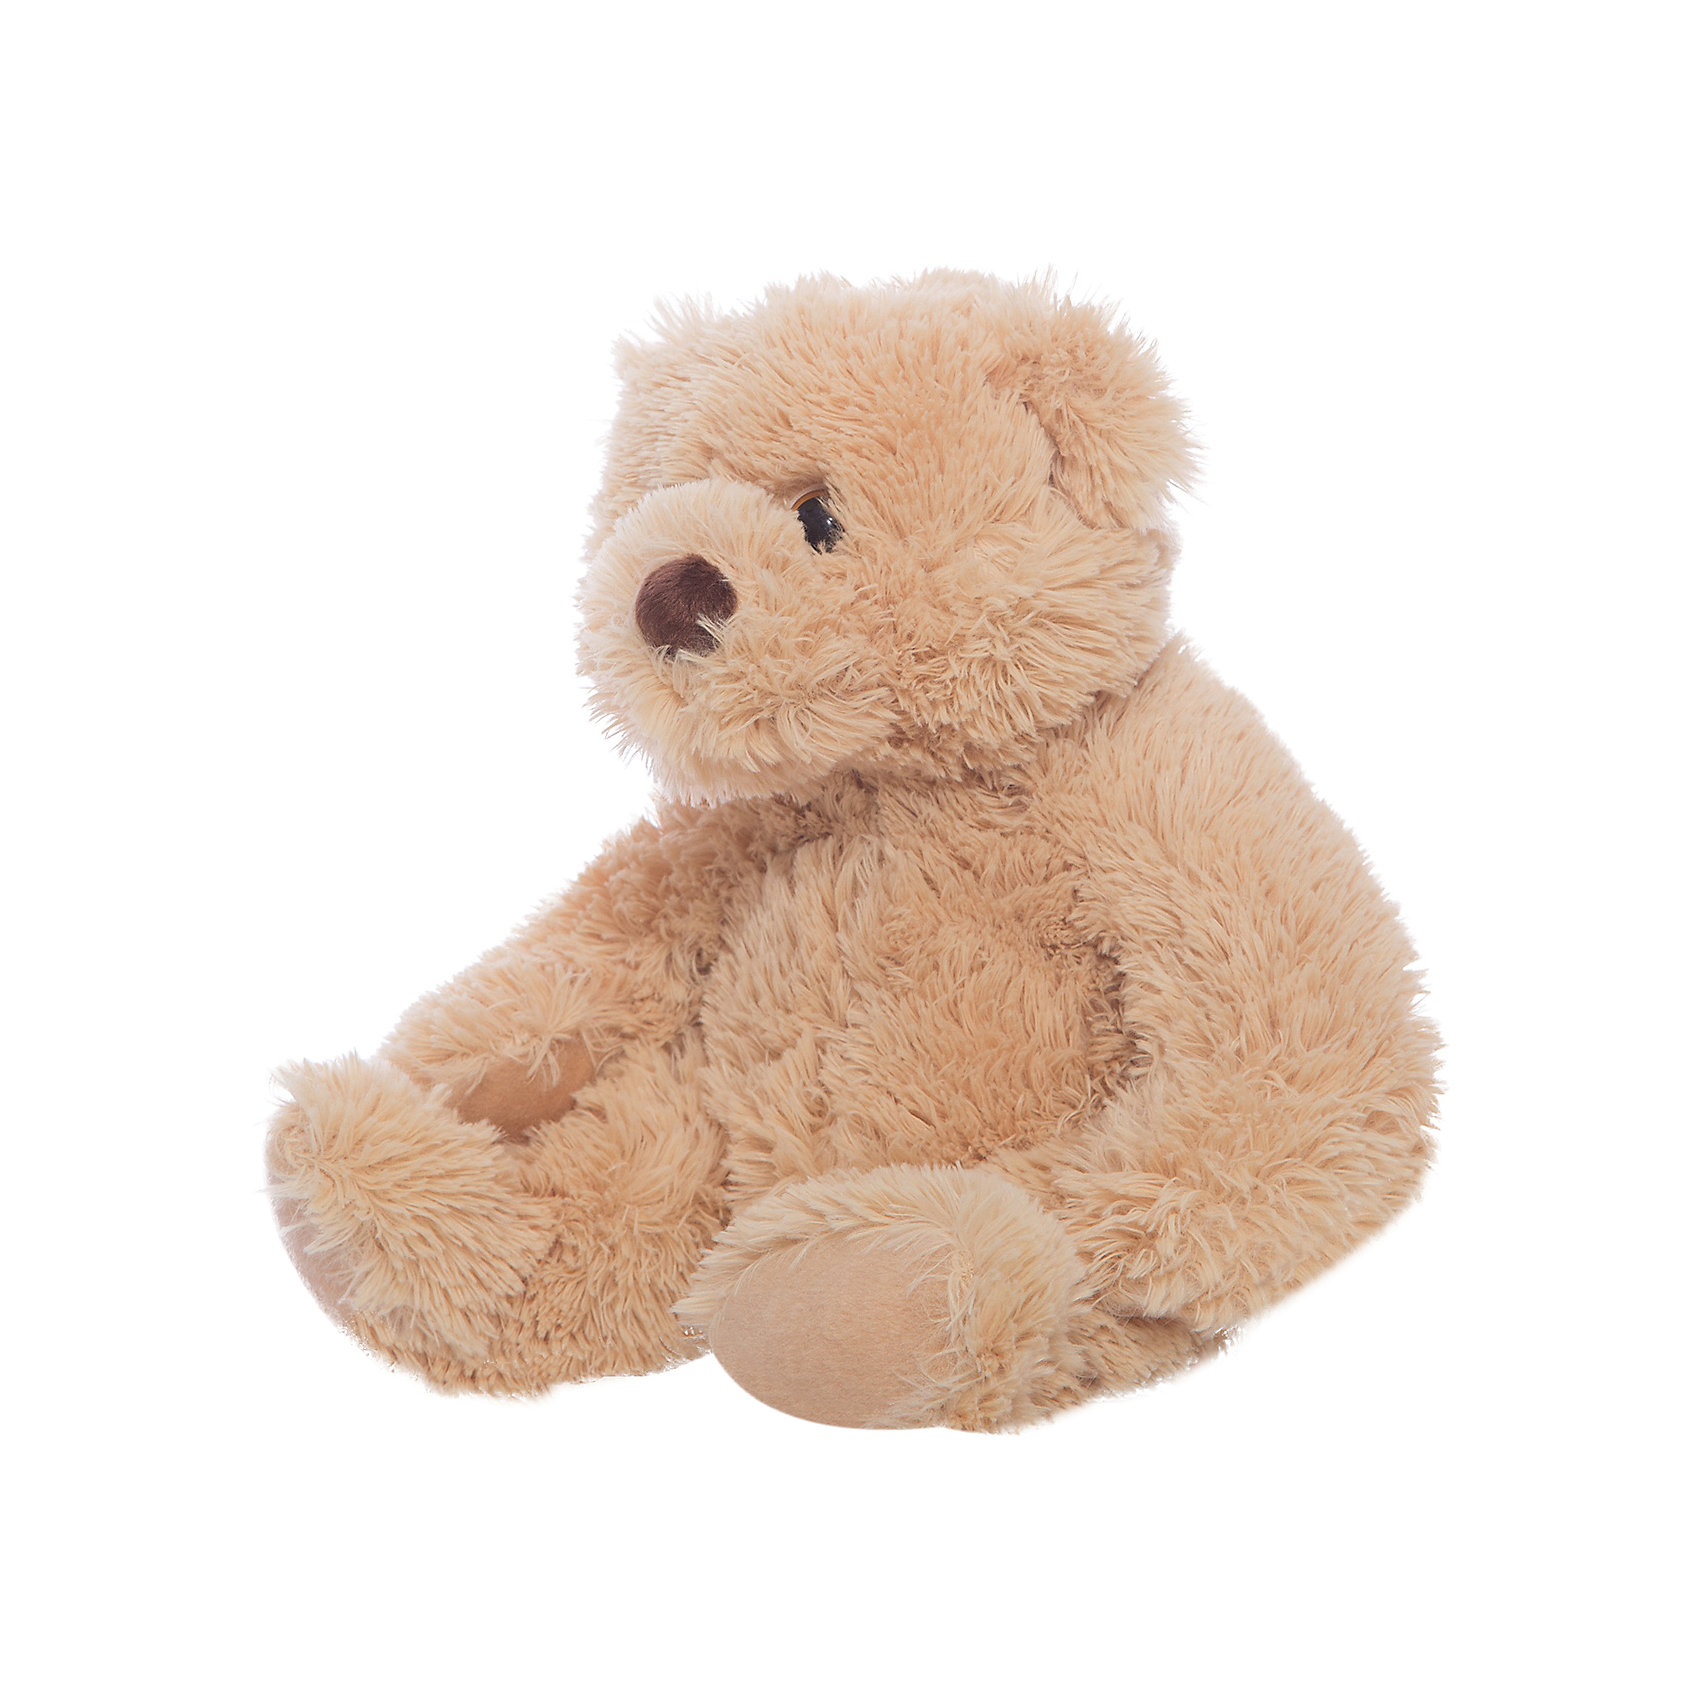 Мягкая игрушка Медвежонок Boris (коричневый), 25 см, Classic, TyМягкие игрушки животные<br>Мягкая игрушка Медвежонок Boris (коричневый), 25 см, Classic, Ty (Тай)<br><br>Характеристики:<br><br>• способствует развитию мелкой моторики<br>• приятный на ощупь<br>• высота игрушки: 25 см<br>• не содержит токсичных материалов, опасных для здоровья ребёнка<br>• материал: текстиль, искусственный мех, пластик <br>• наполнитель: синтепон<br>• вес: 274 грамма<br><br>Плюшевый мишка - любимец многих детишек. И медвежонок Boris - не исключение. Его добрый взгляд и милая мордашка не оставят равнодушными даже взрослых. Малыши с радостью будут играть с мишкой, ведь он очень мягкий и приятный на ощупь! Игрушка не содержит опасные для ребенка материалы и вещества. Игра способствует развитию тактильных ощущений, мелкой моторики и воображения.<br><br>Мягкую игрушку Медвежонок Boris (коричневый), 25 см, Classic, Ty (Тай) можно купить в нашем интернет-магазине.<br><br>Ширина мм: 250<br>Глубина мм: 250<br>Высота мм: 250<br>Вес г: 274<br>Возраст от месяцев: 36<br>Возраст до месяцев: 144<br>Пол: Унисекс<br>Возраст: Детский<br>SKU: 5399795